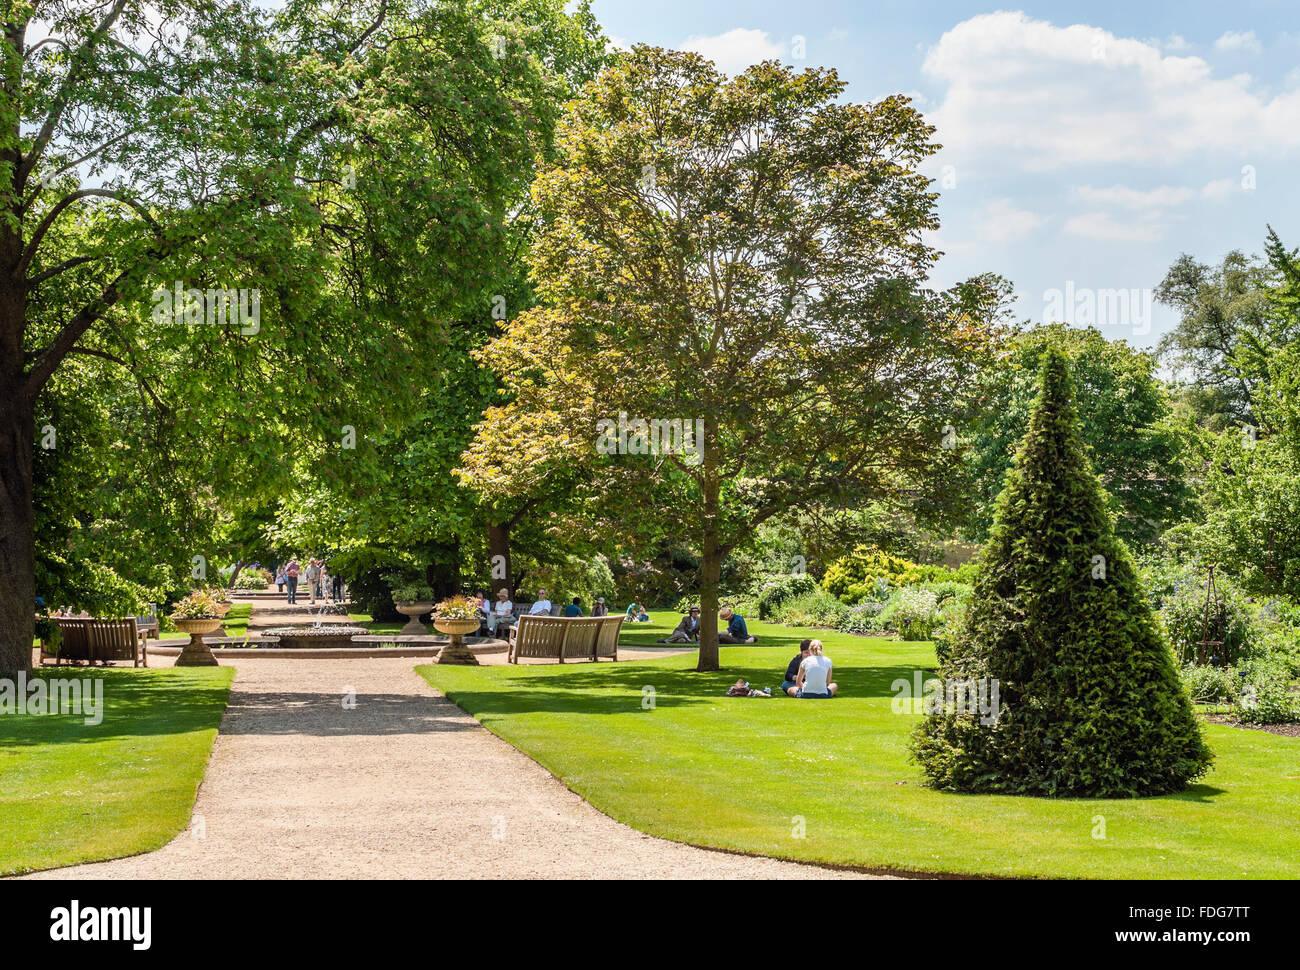 Im Botanischen Garten Universität in der Stadt von Oxford, England, Vereinigtes Königreich | Im Botanischen Stockbild